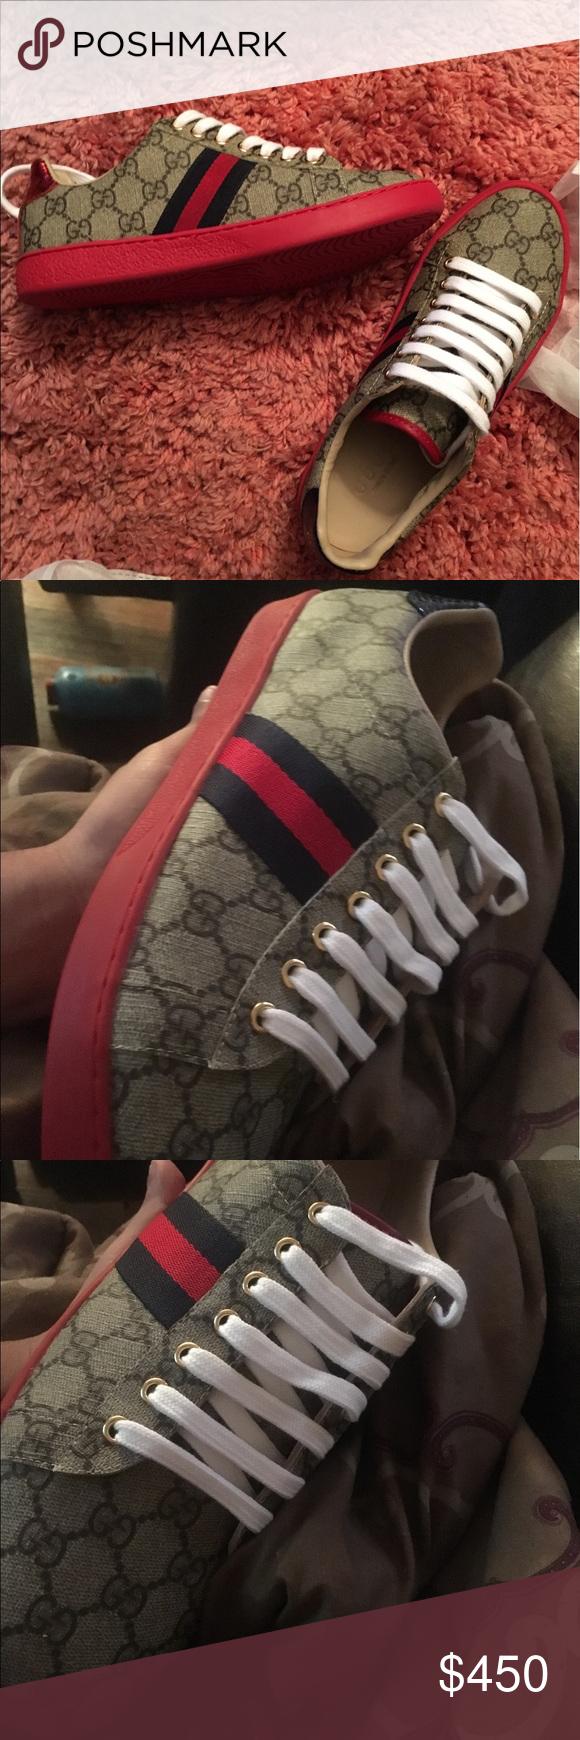 e82f49e8d58 Men Gucci Ace Sneakers size 11 Men Gucci Ace Sneakers Size 11. Price is  Firm Gucci Shoes Sneakers